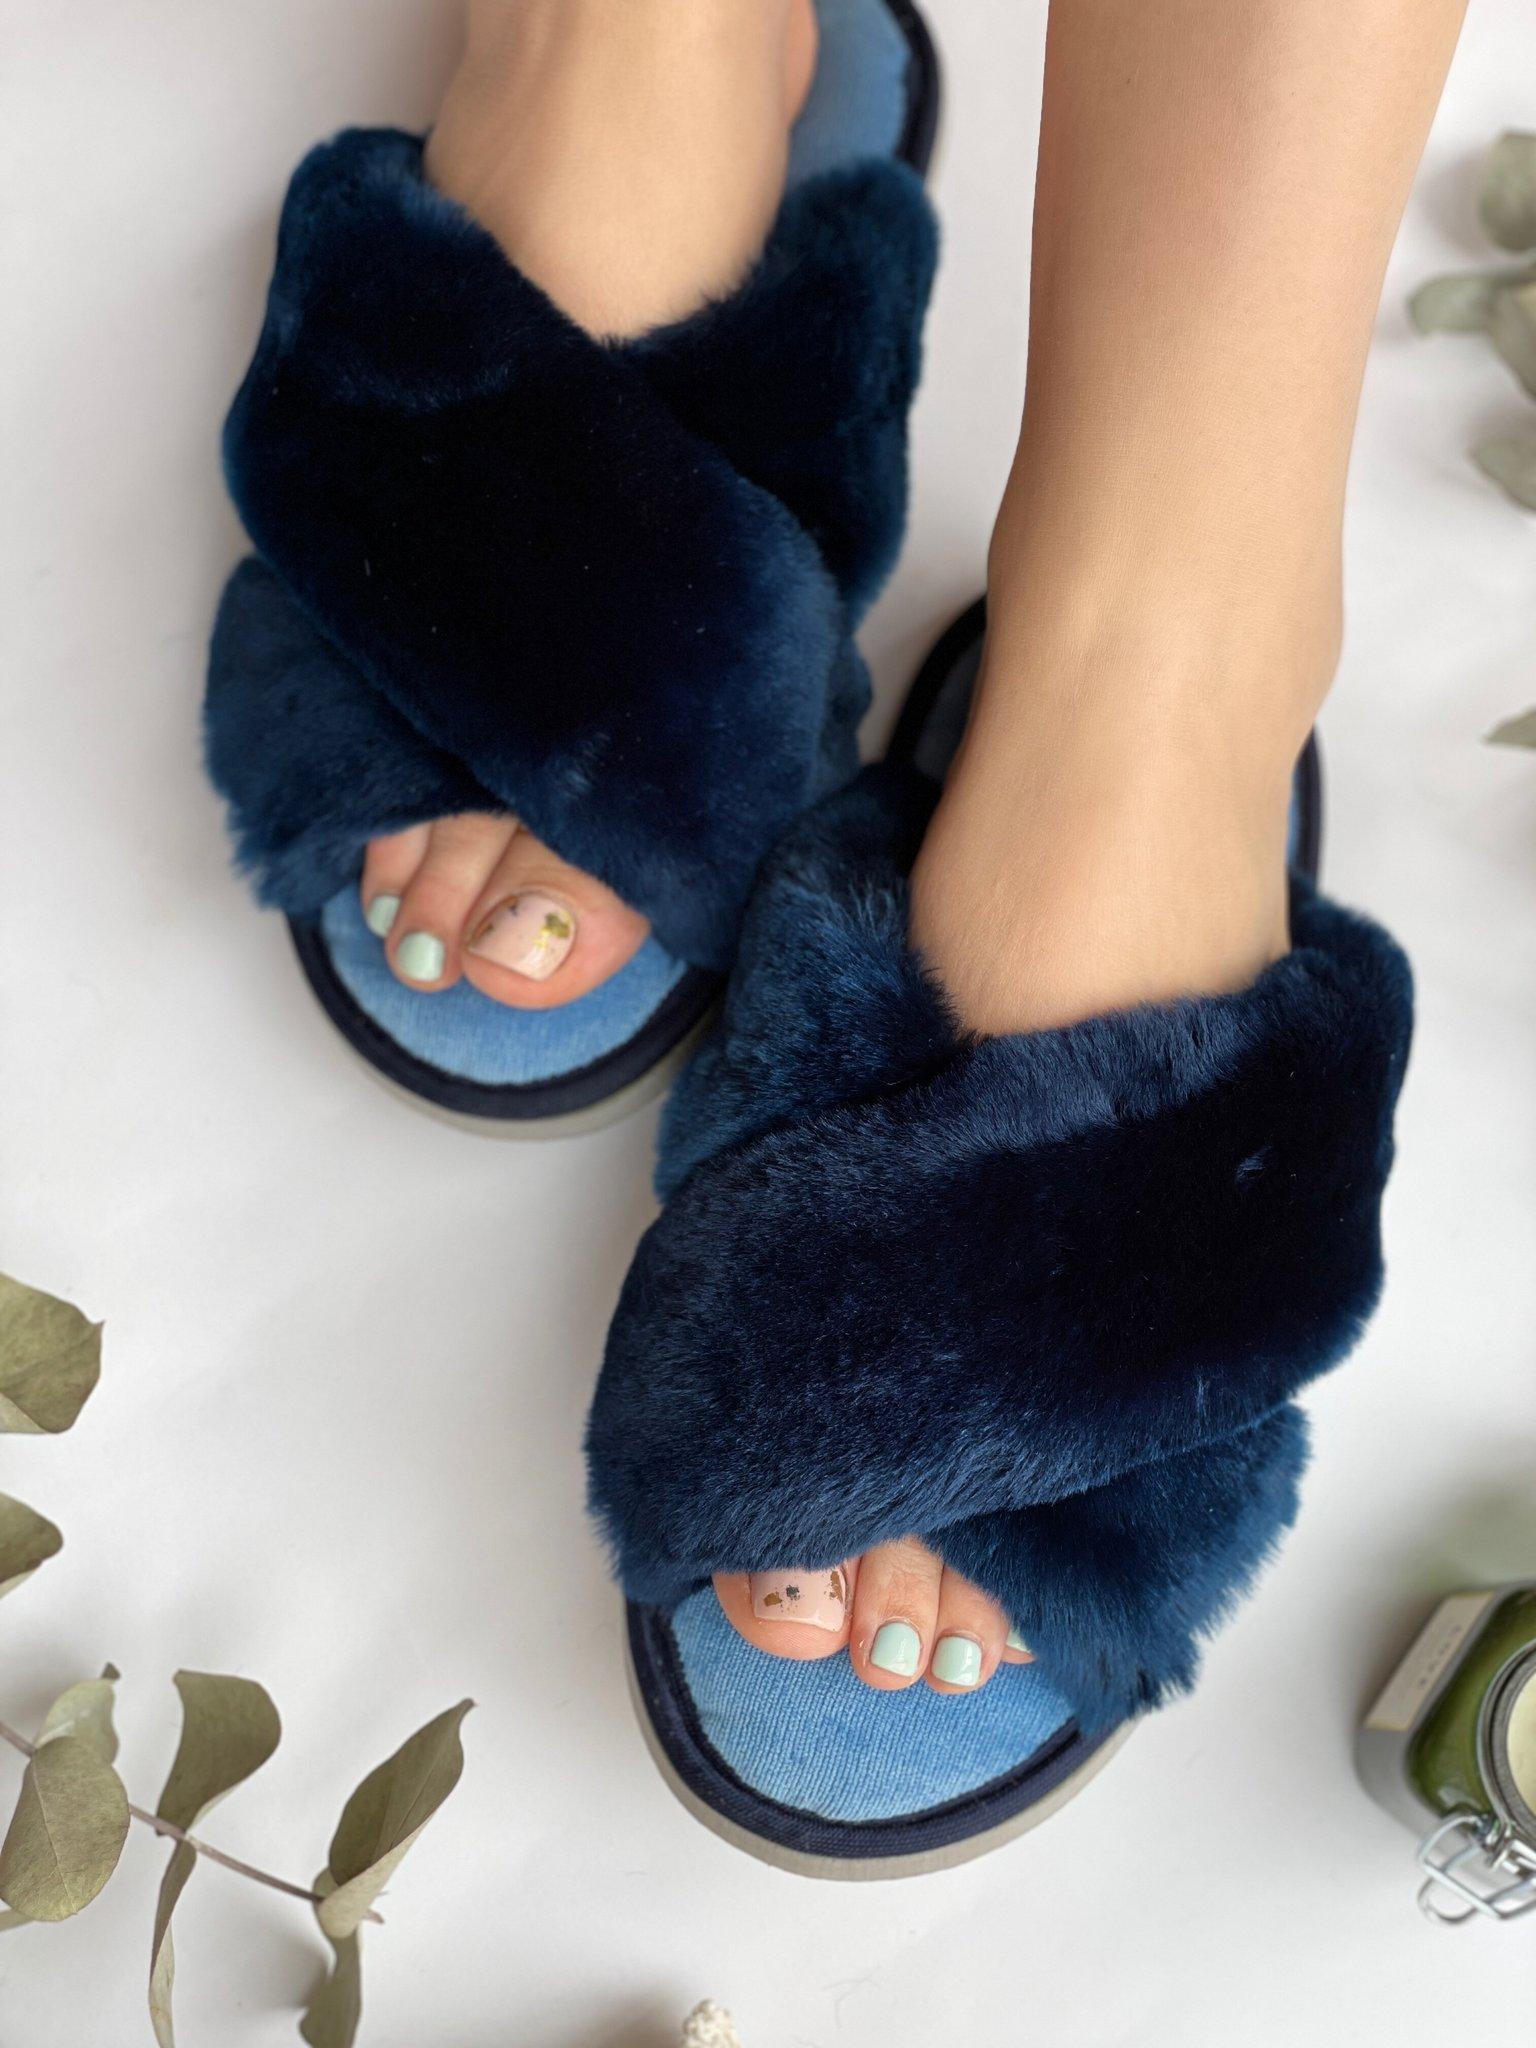 Меховые тапочки сапфировые с перекрестными шлейками и текстильной стелькой голубой